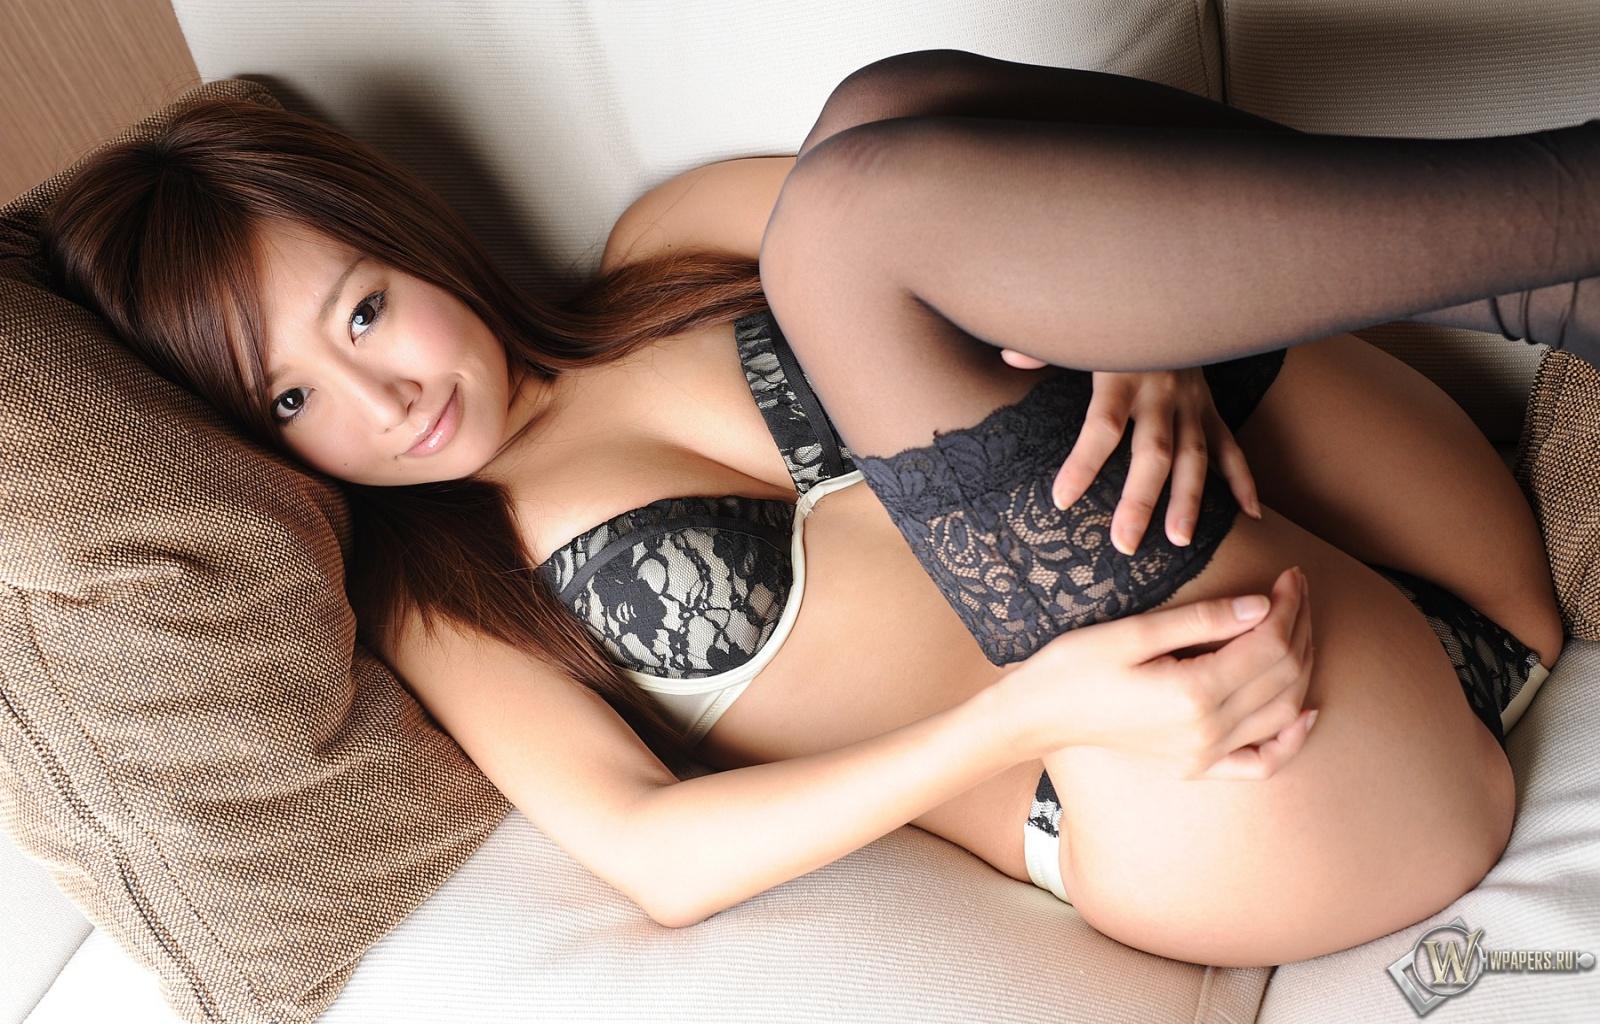 Фото большой японок жопе 28 фотография